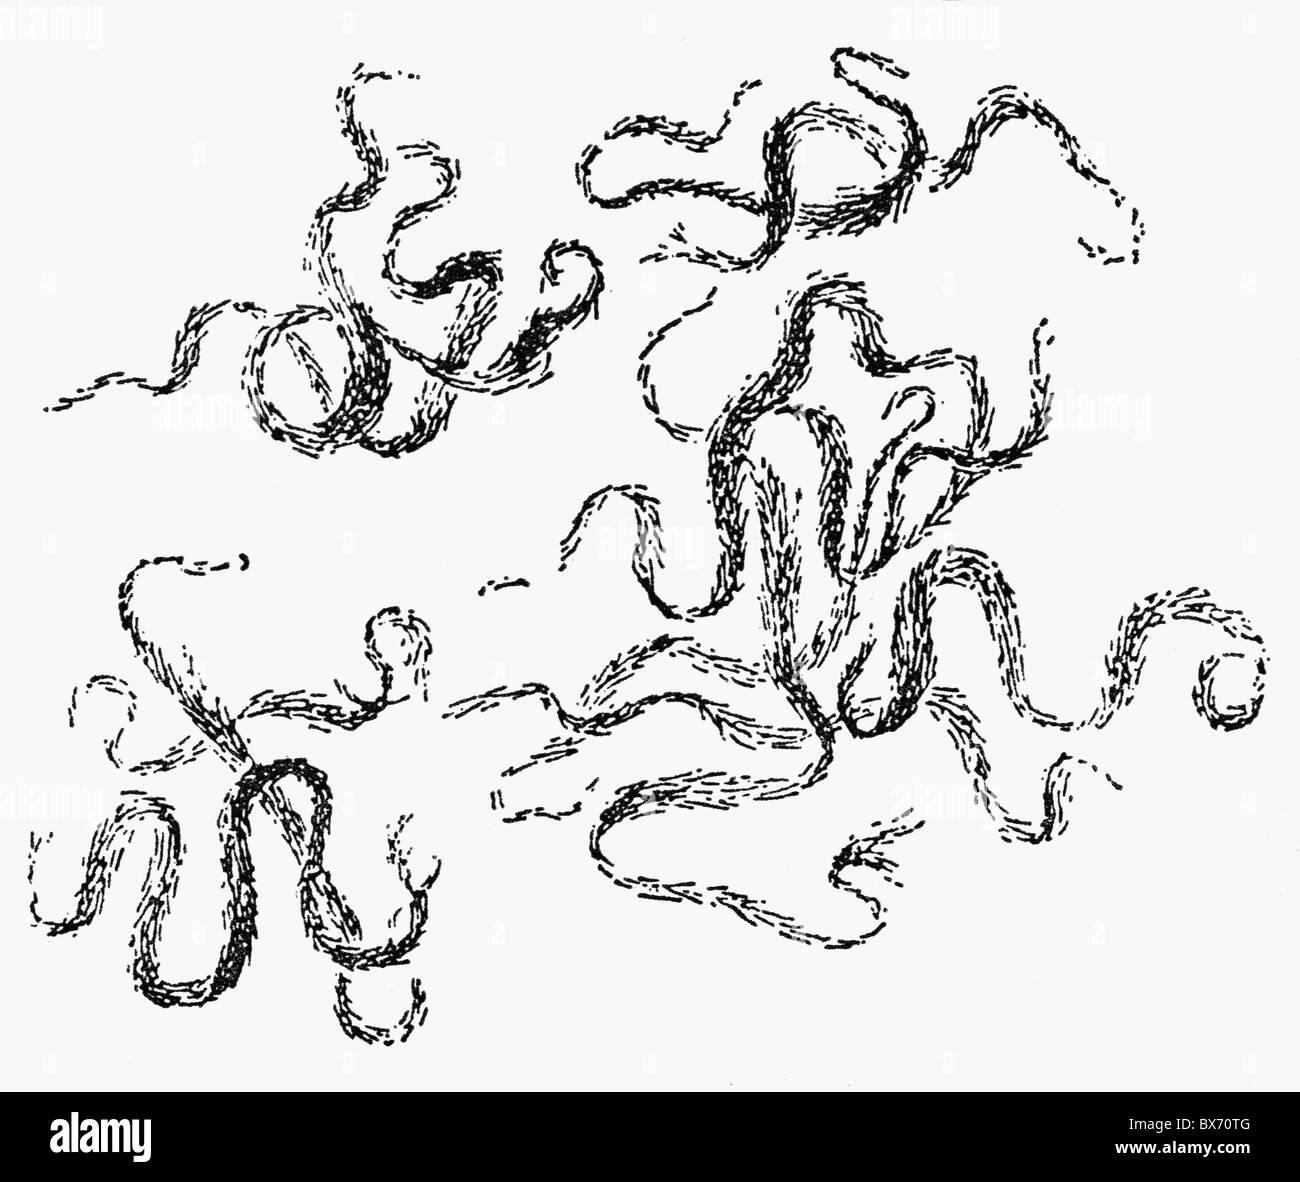 medicine, pandemic diseases, tuberculosis, Mycobacterium tuberculosis (MTB), drawing from the tractate of Robert - Stock Image